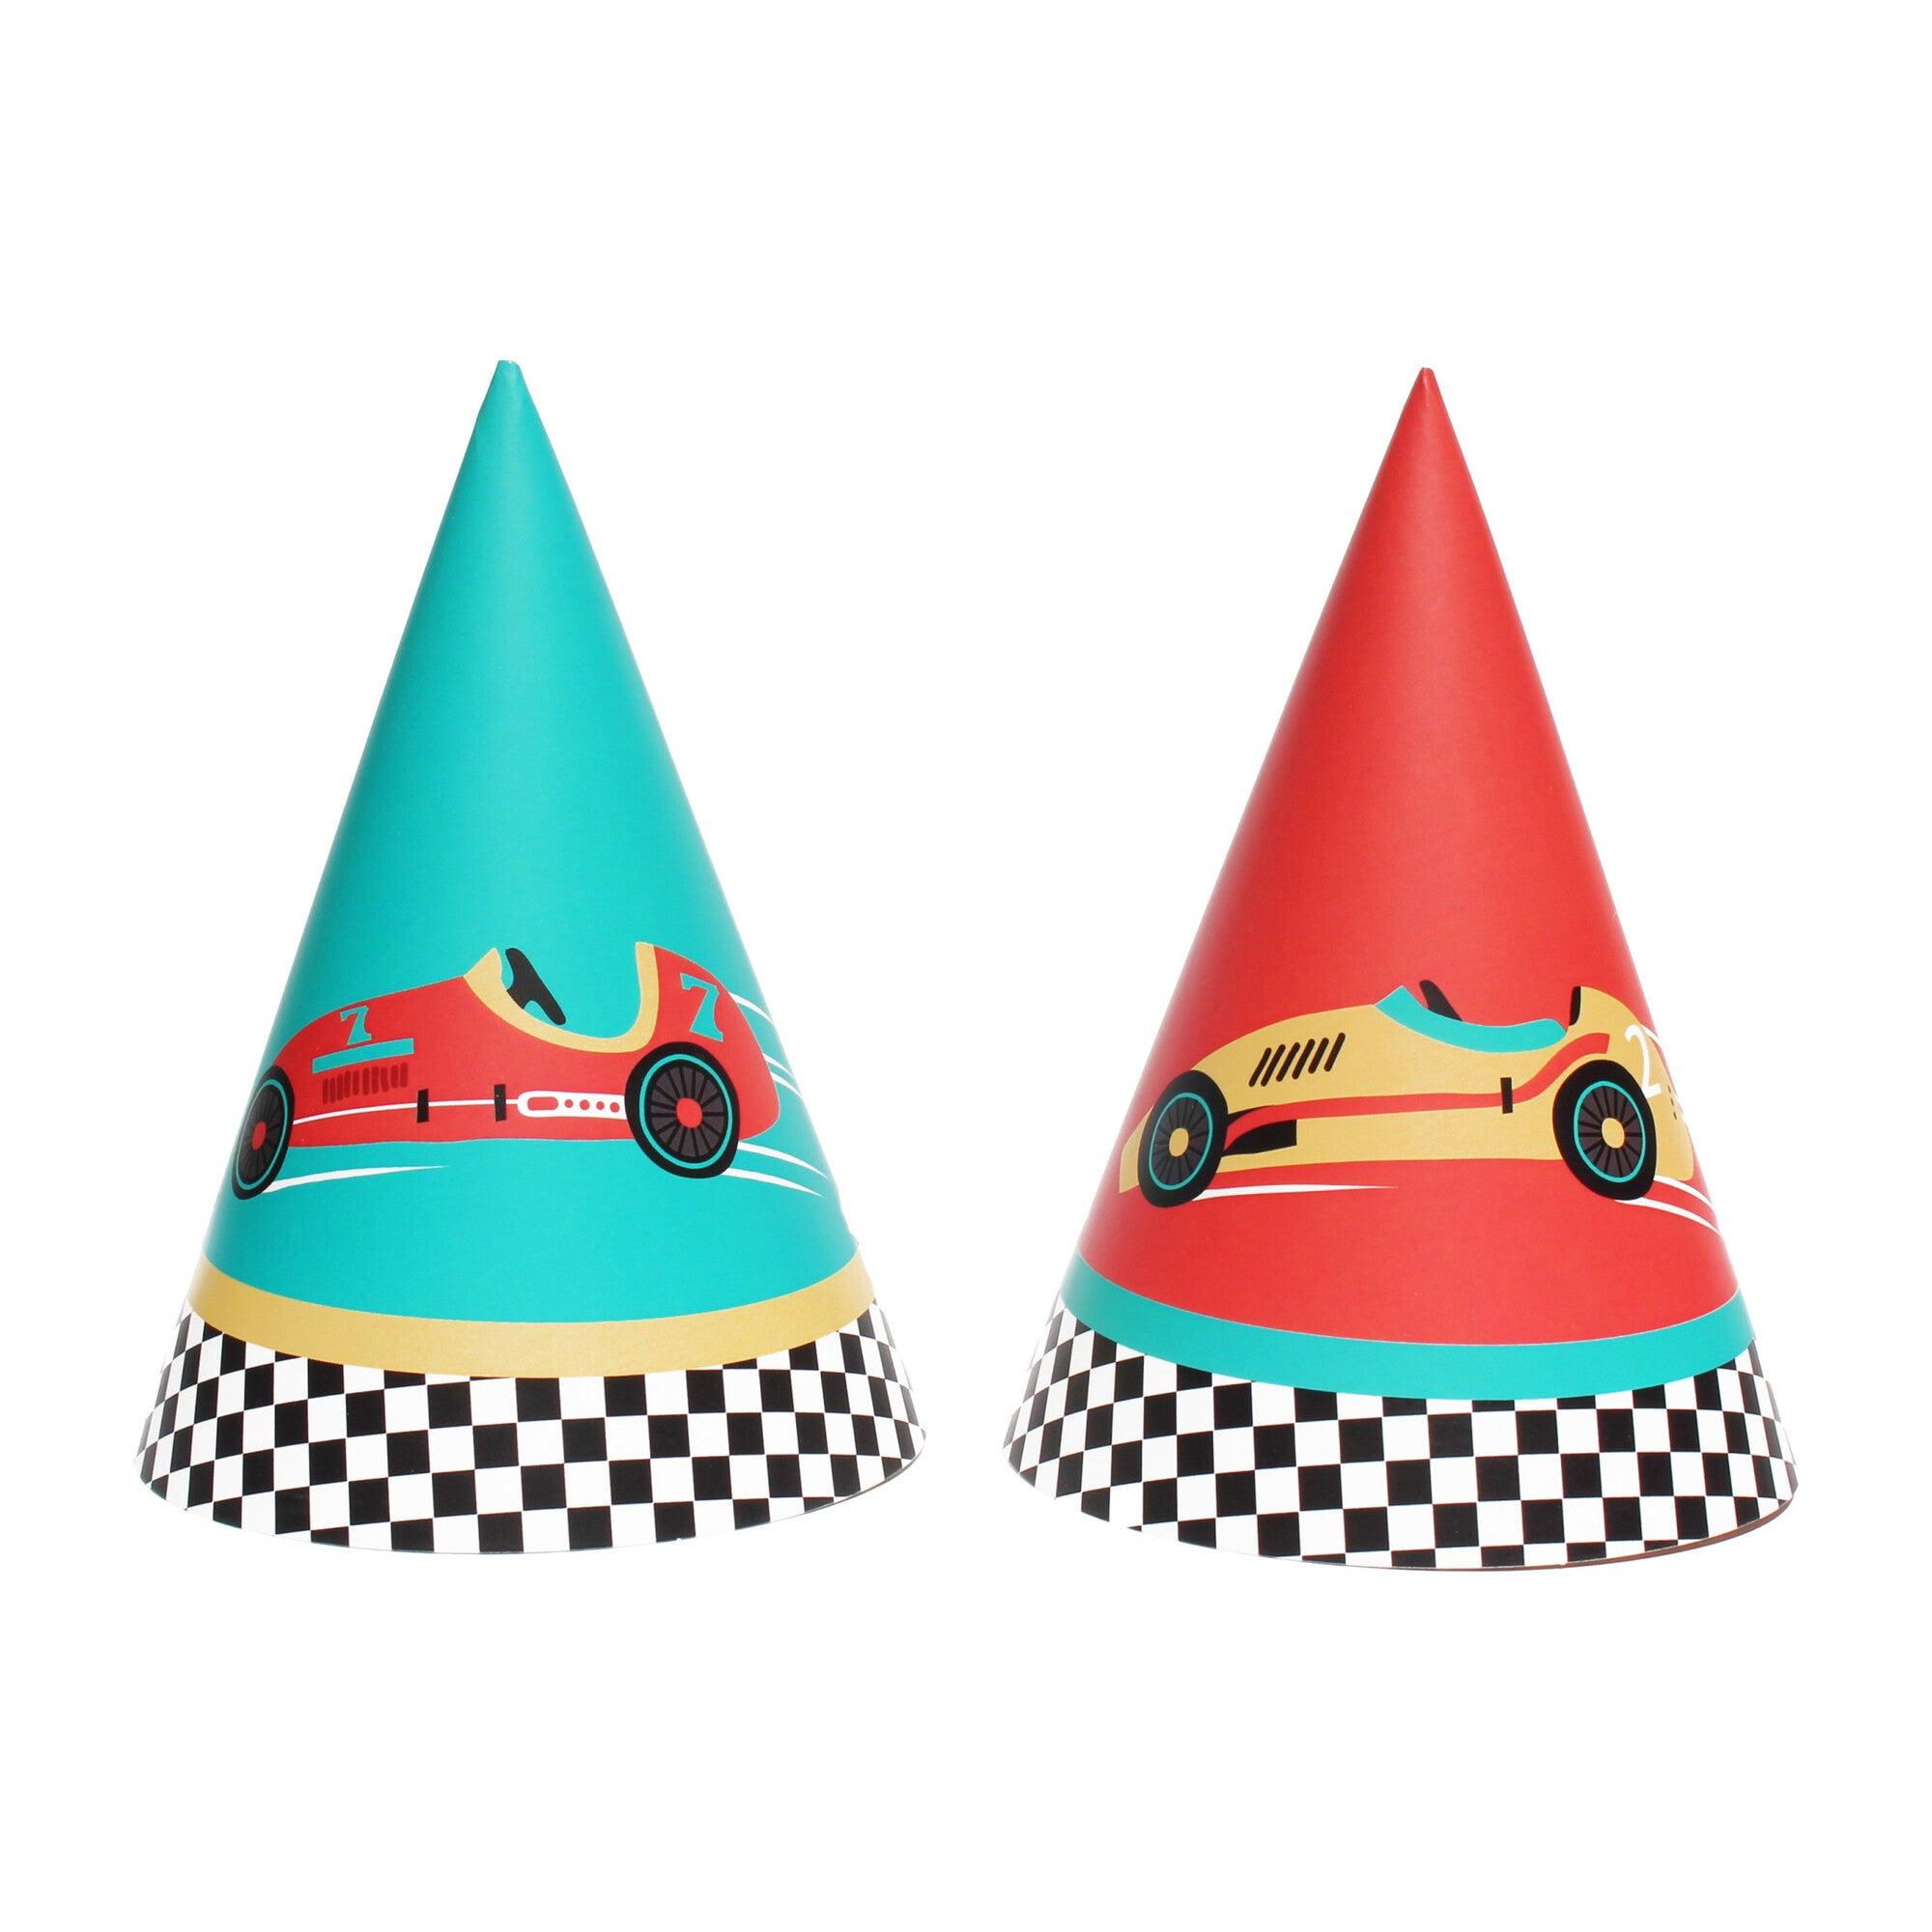 Vintage Race Car Party Hats